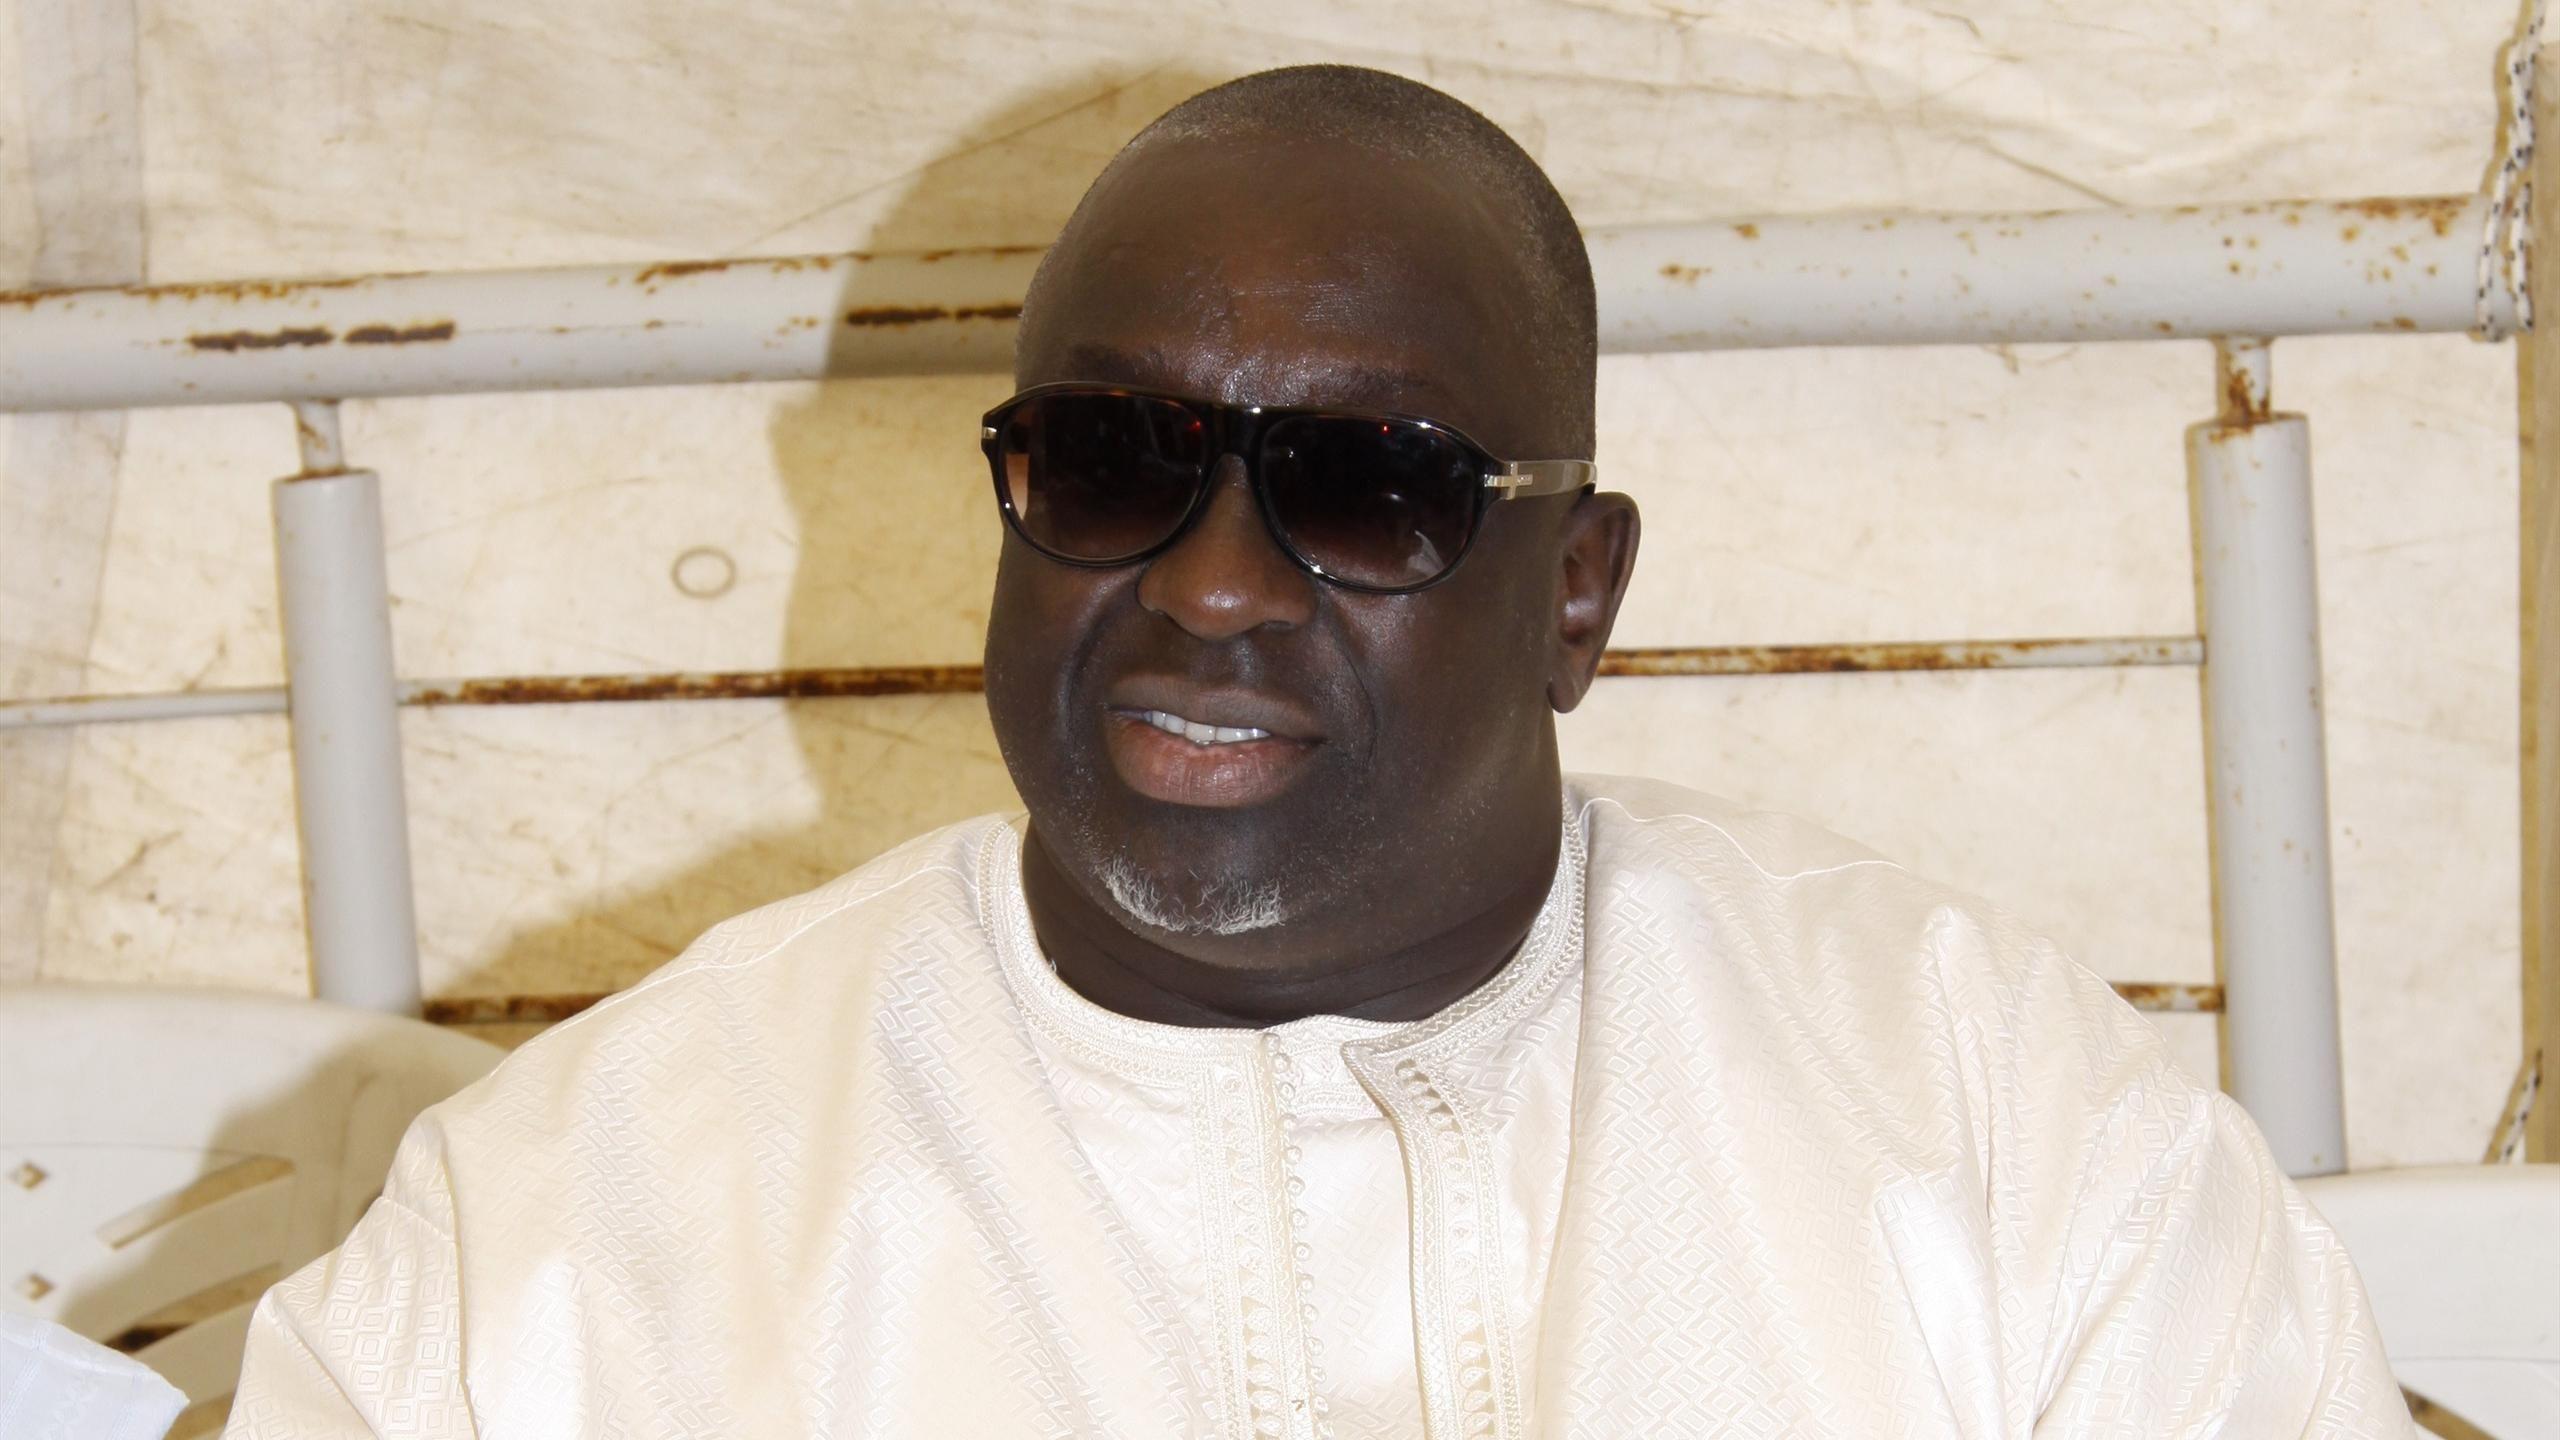 Affaire de corruption et de chantage : La France saisit le Sénégal pour l'arrestation provisoire de Massata Diack